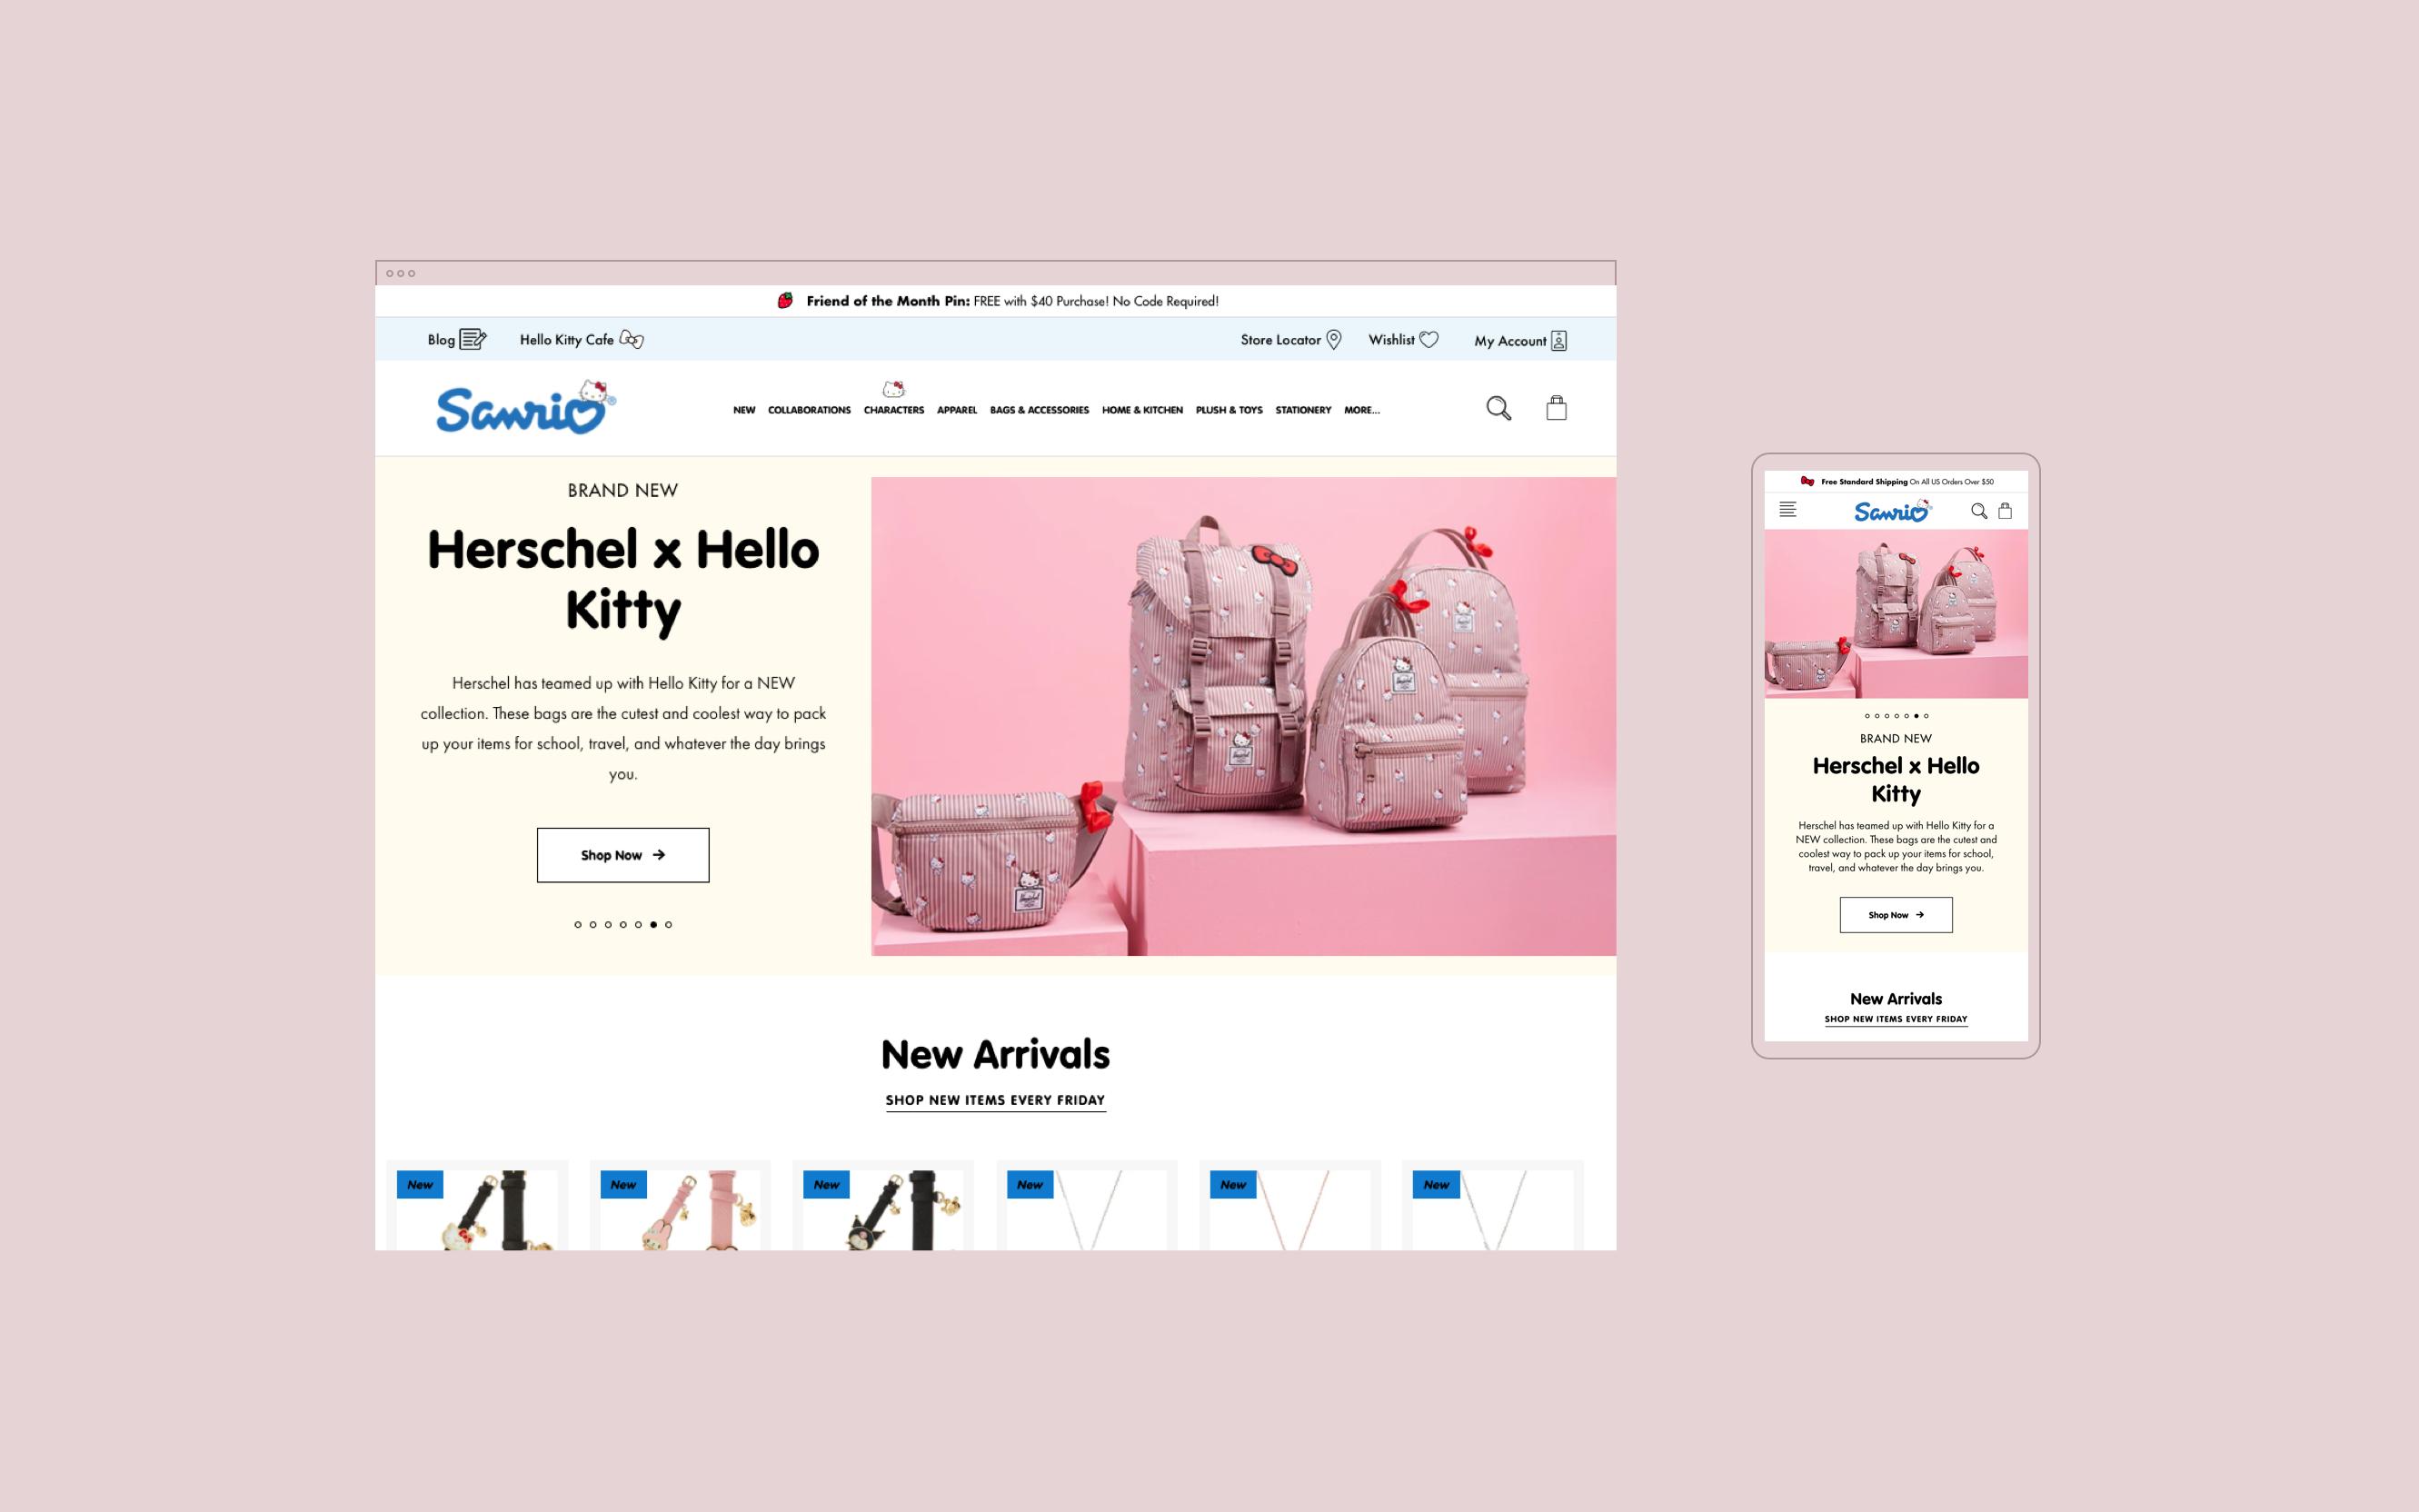 Sanrio homepage